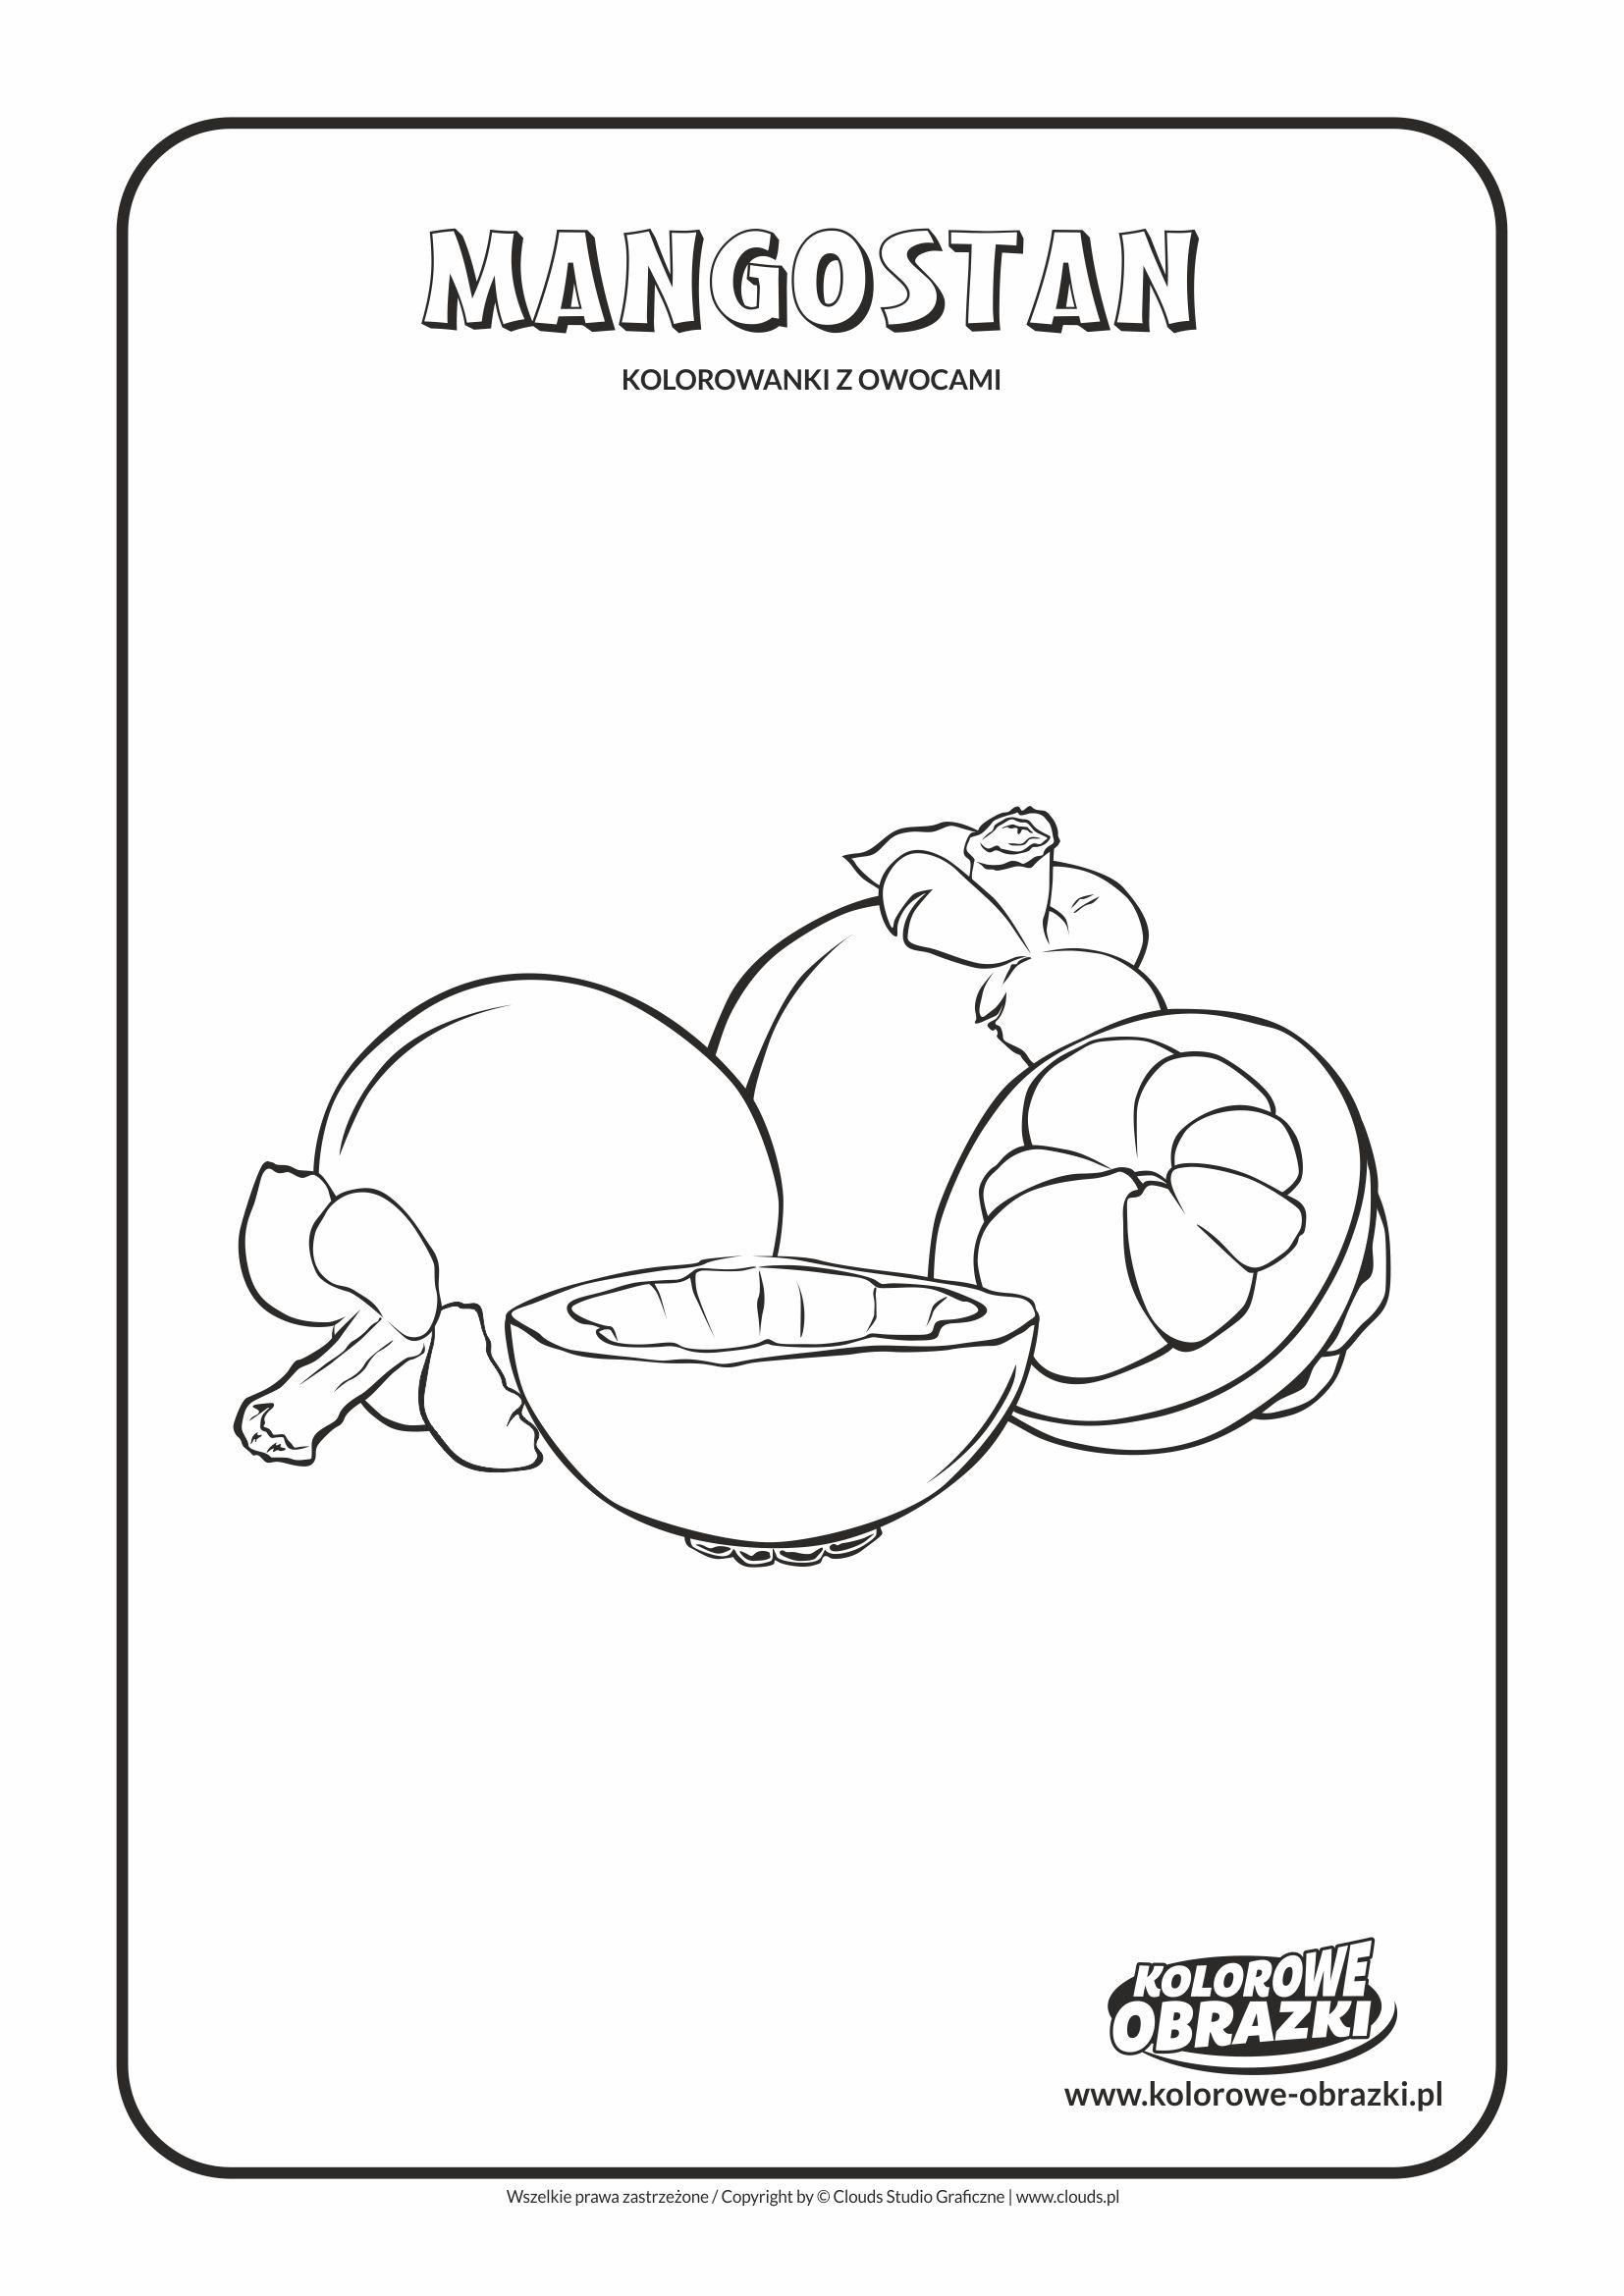 Kolorowanki dla dzieci - Rośliny / Mangostan. Kolorowanka z mangostanem